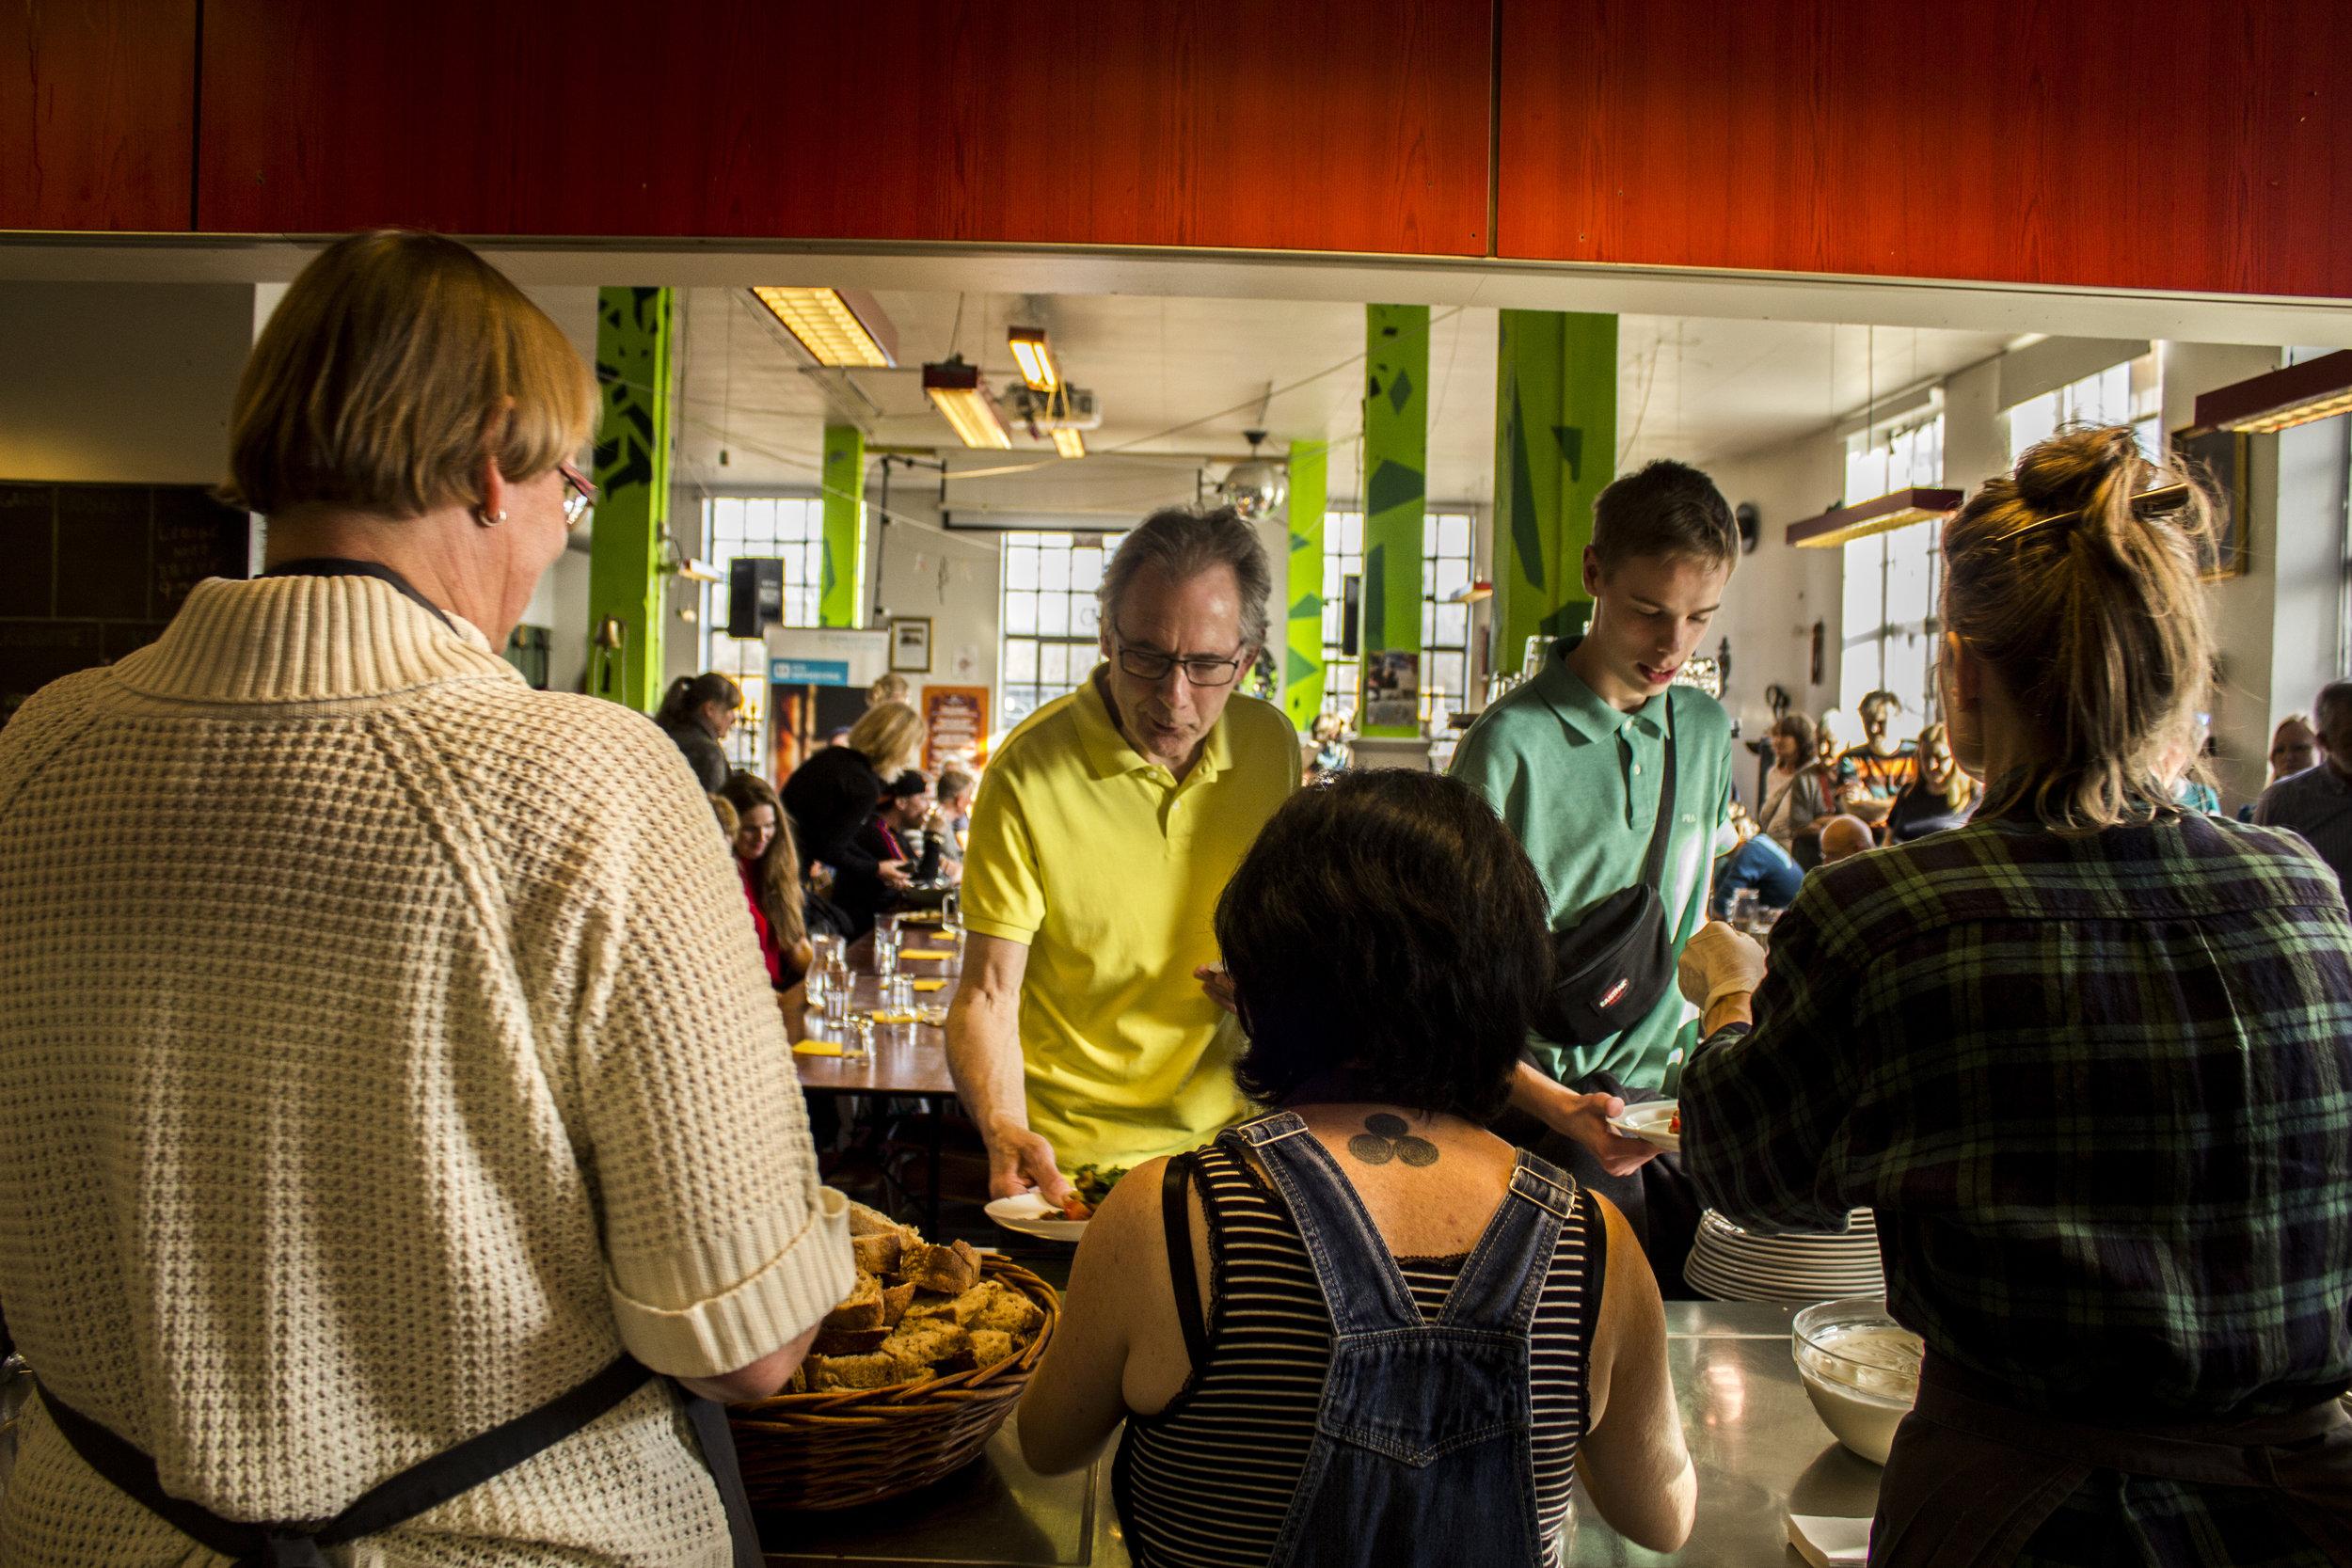 FROKOST OG FOLKEKØKKEN - På INSP samles vi om maden - både til frokost tir-fre kl. 12.00 og til forskellige folkekøkkener. Alt er 100% økologisk.